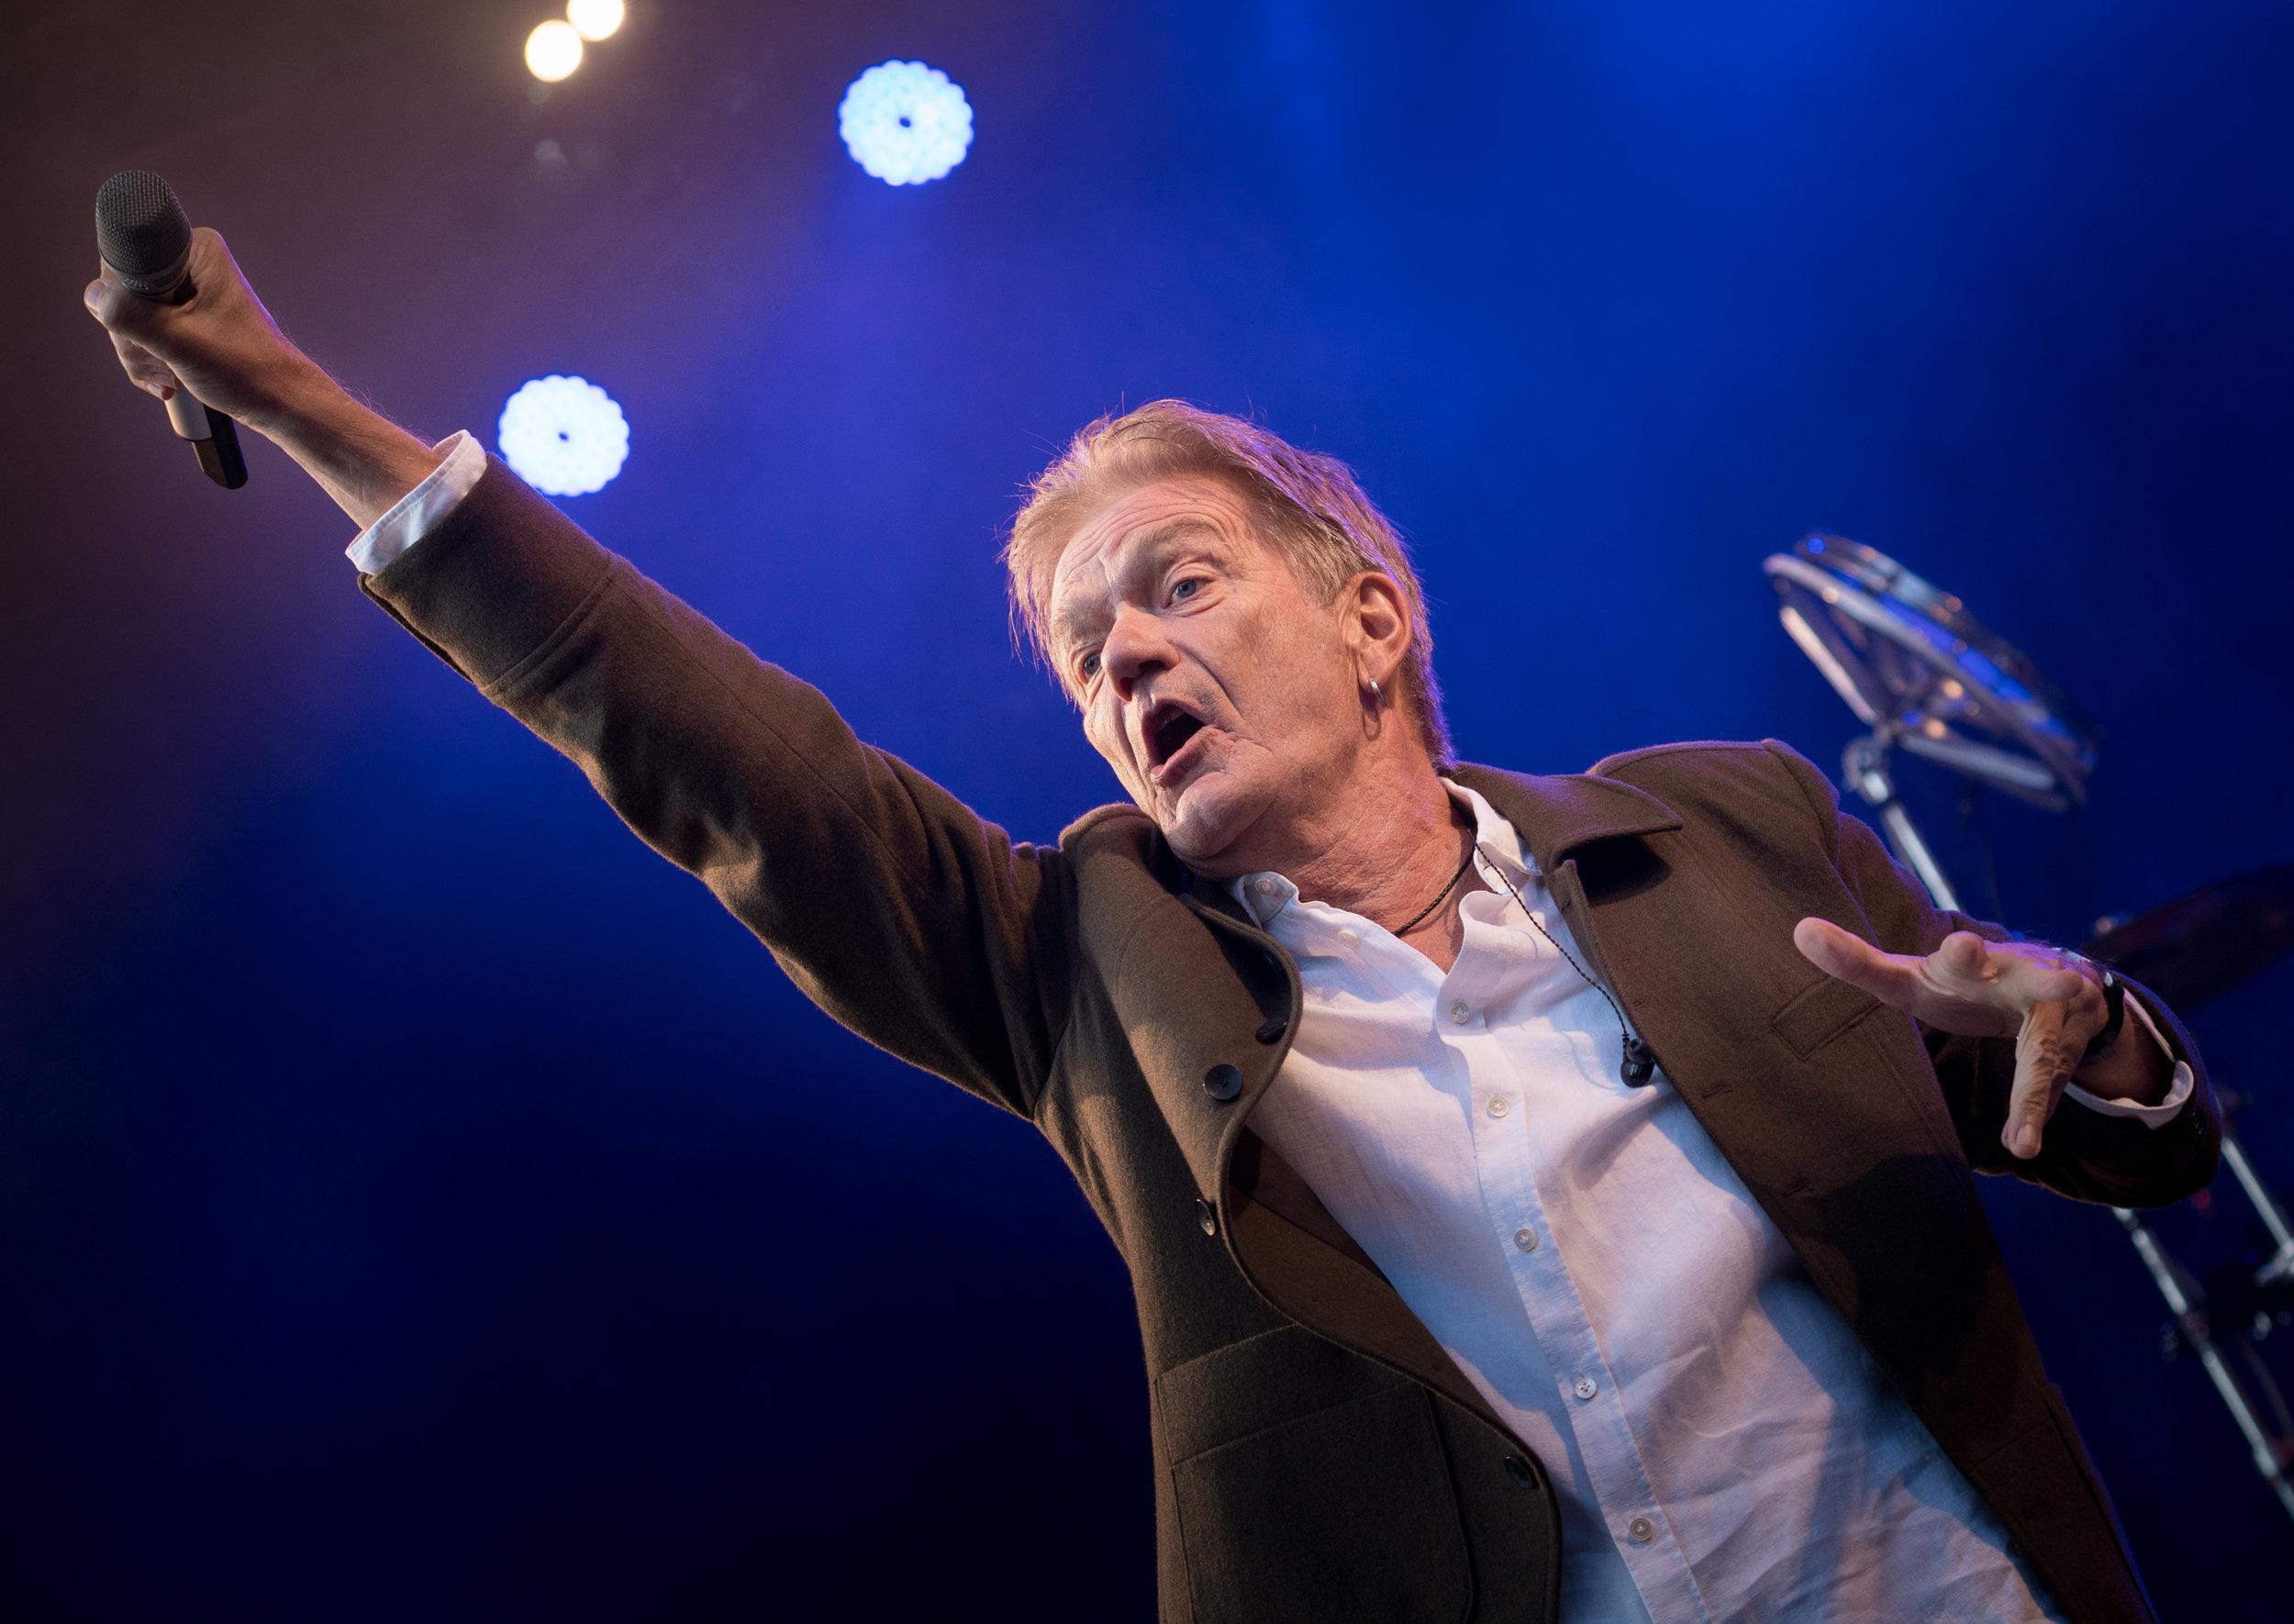 Lars Lilholt - band leader (DK)